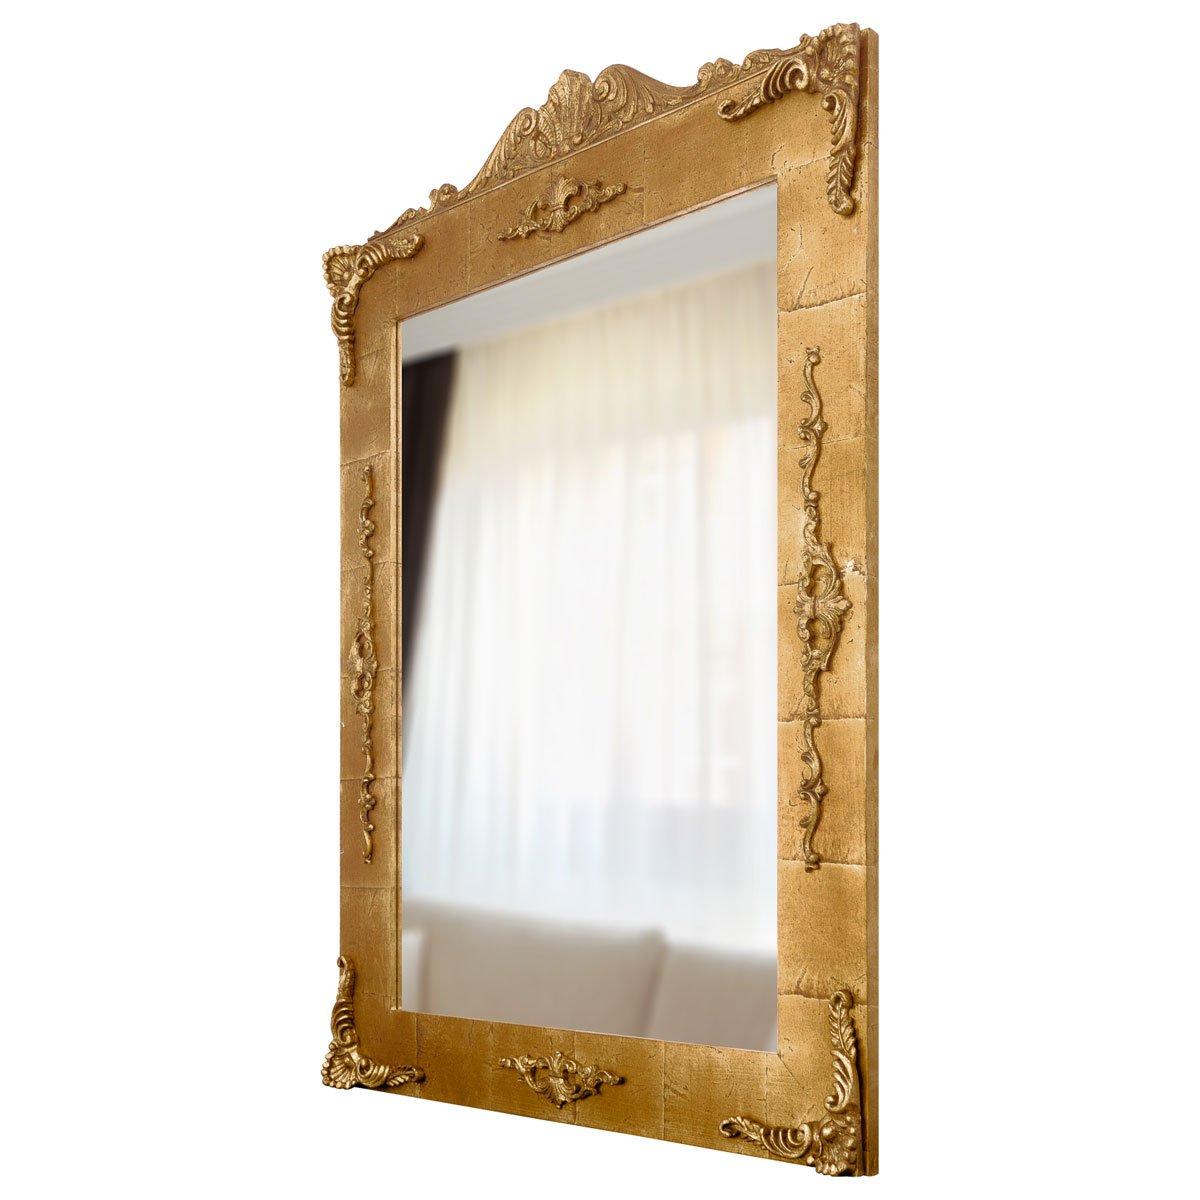 Detalhes - Espelho com moldura e rococós.